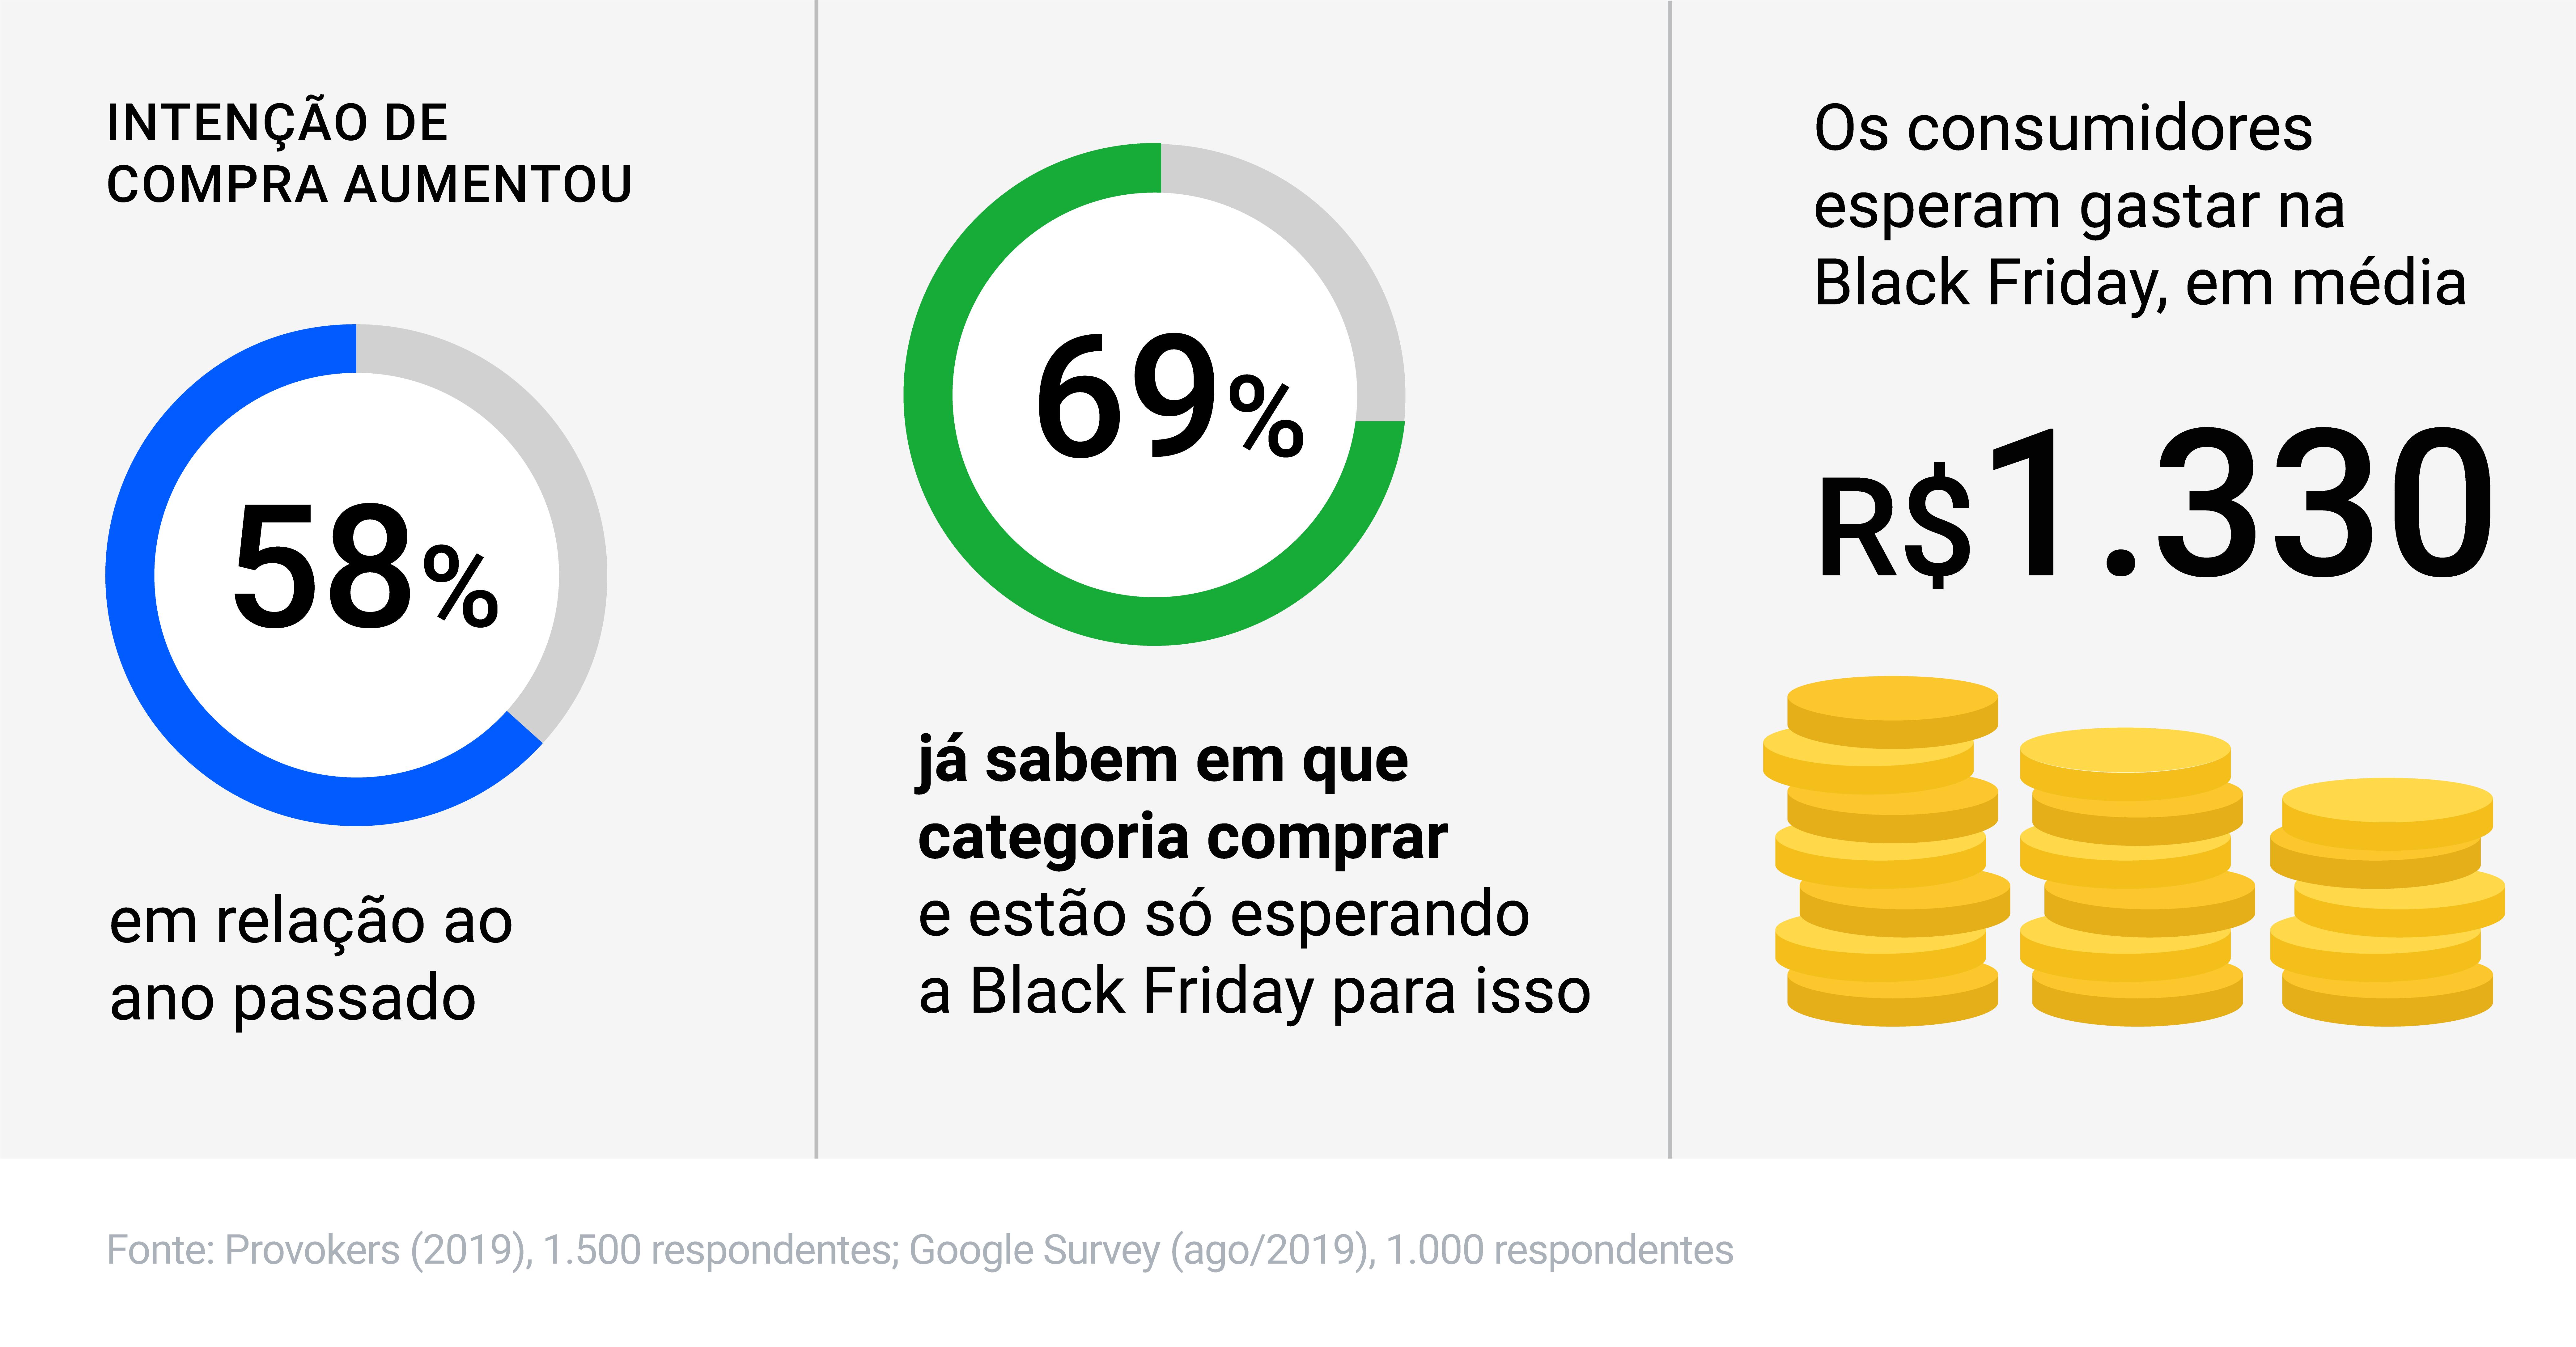 O2O, app e expansão de serviços: as principais tendências da Black Friday 2019